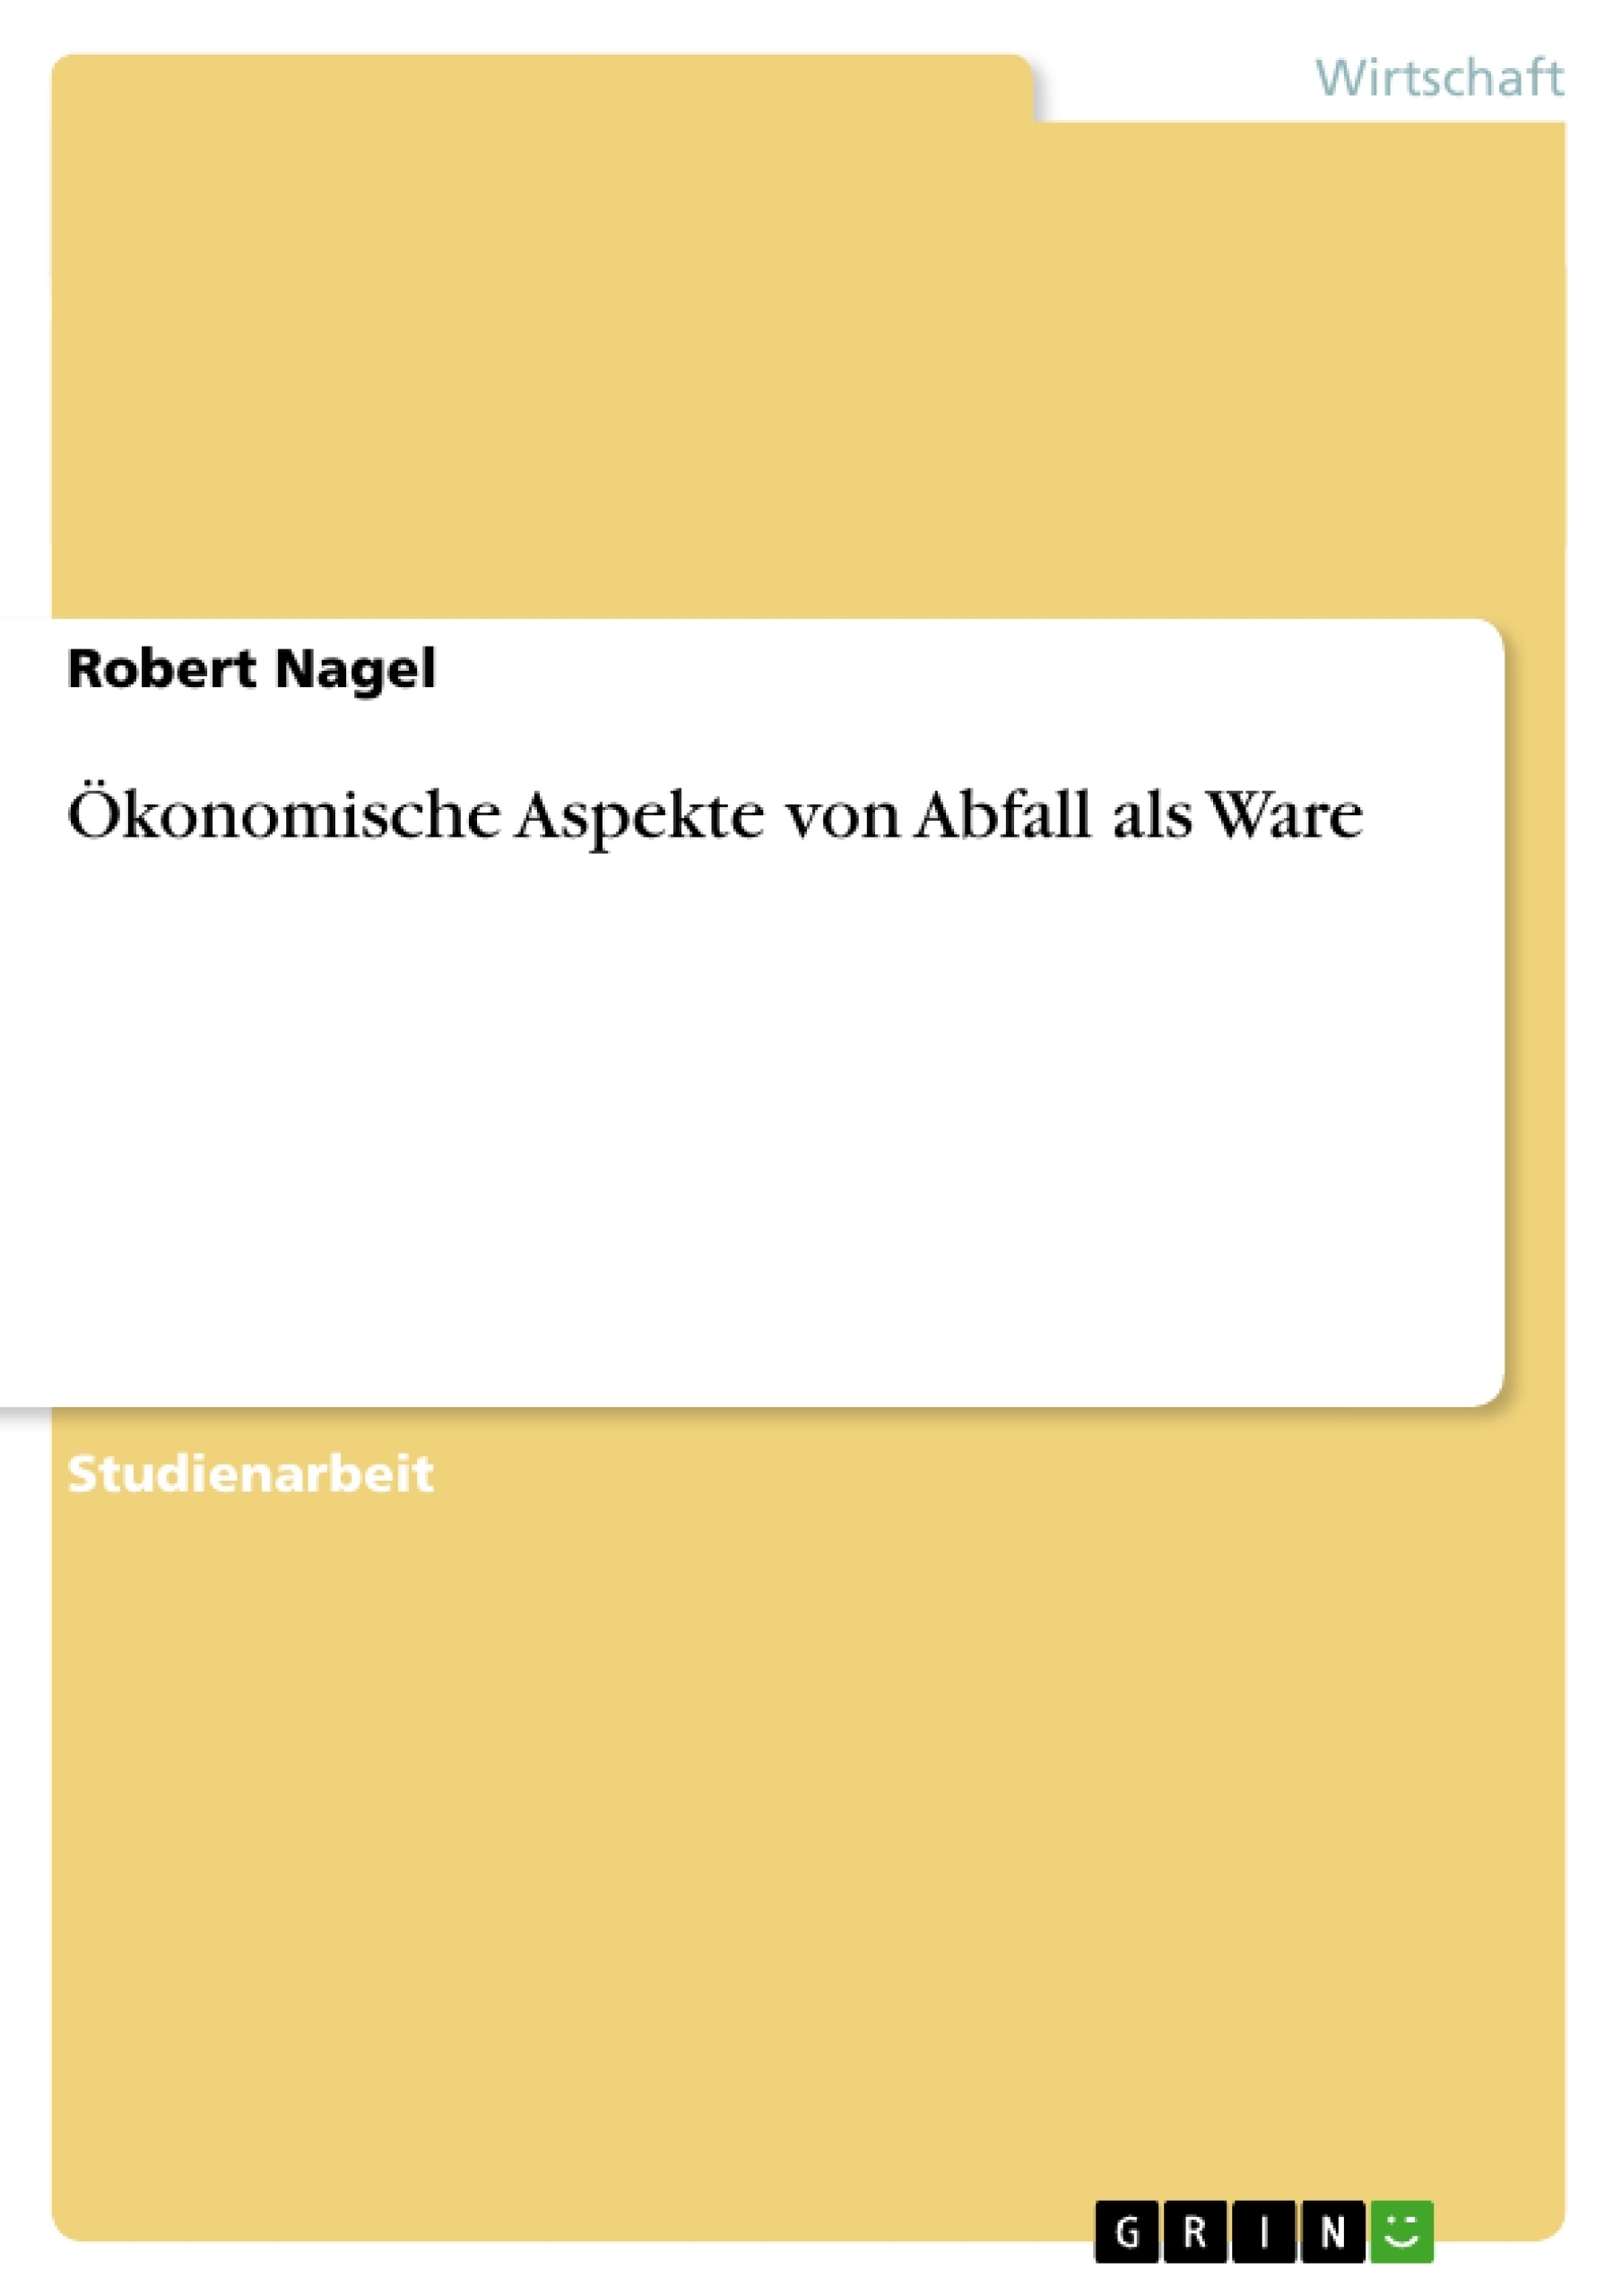 Titel: Ökonomische Aspekte von Abfall als Ware